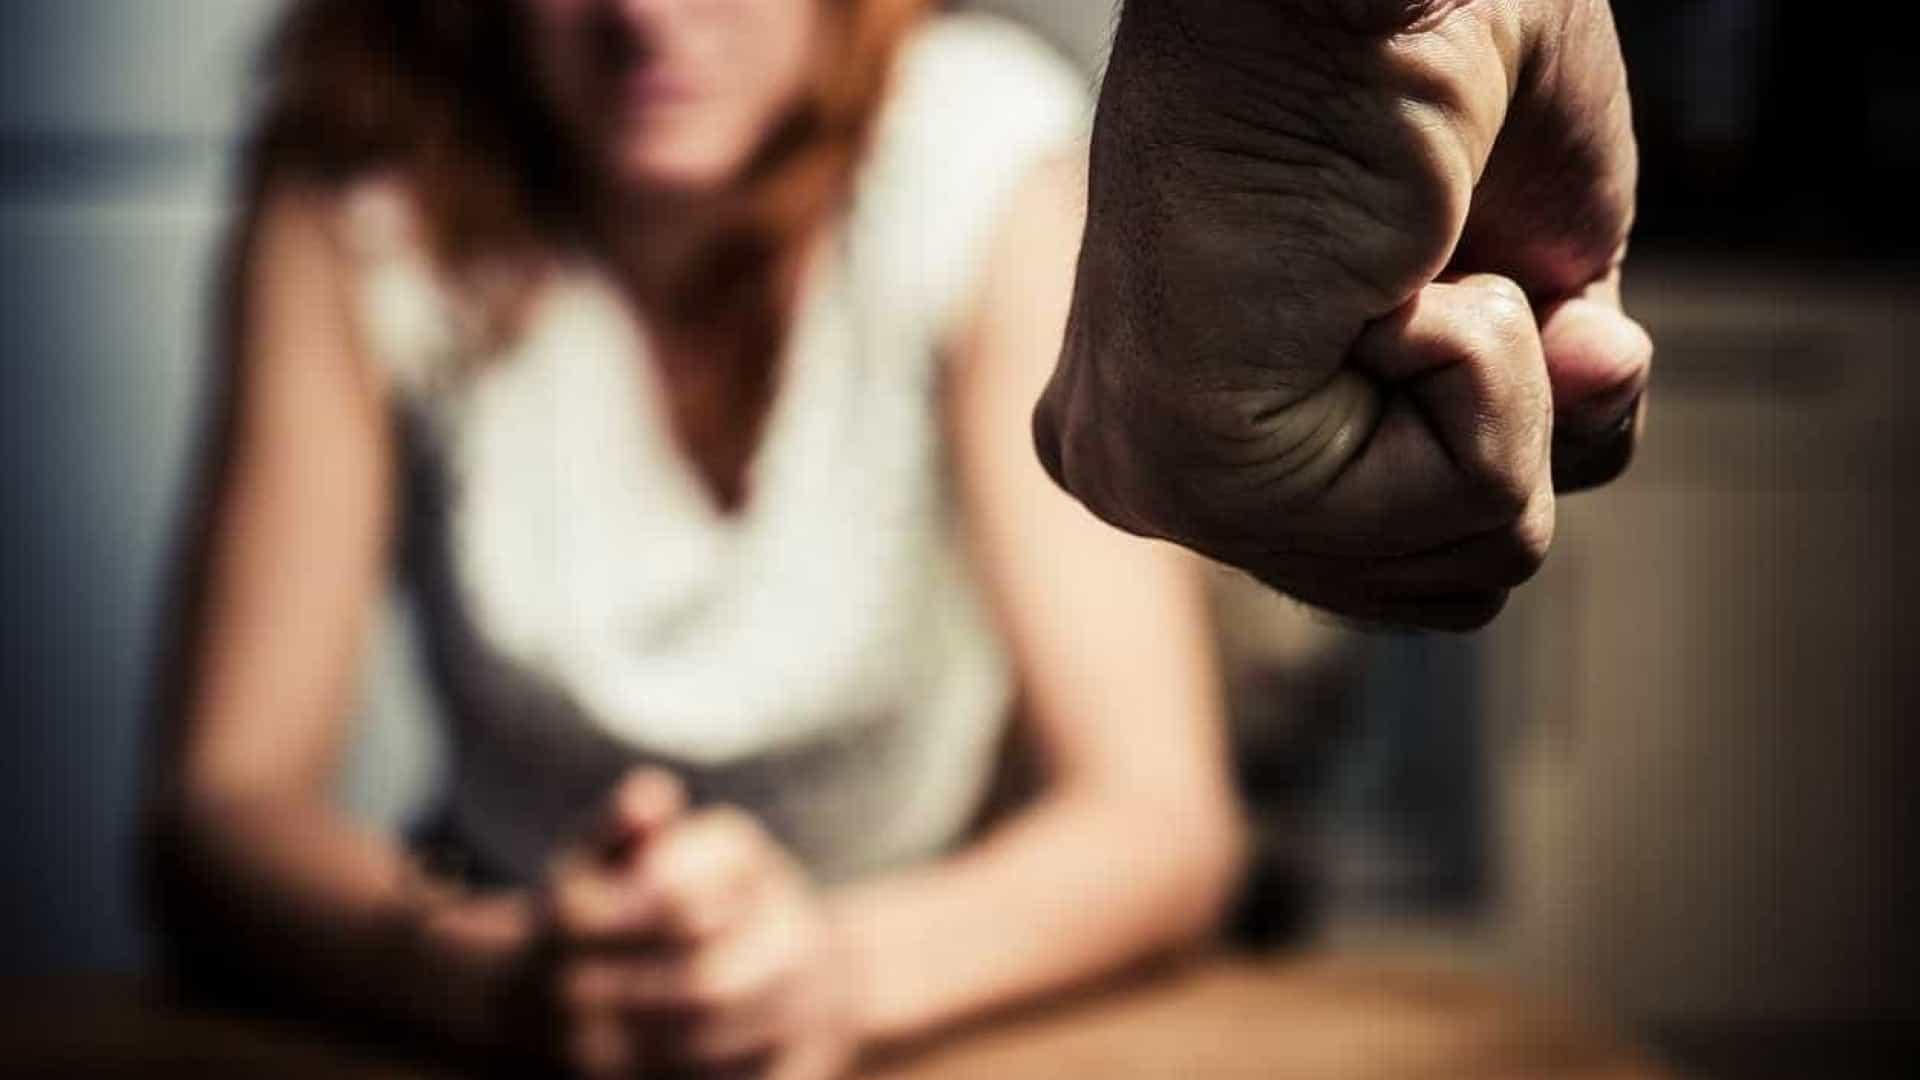 Photo of Տղամարդուն մեղադրանք է առաջադրվել՝ 47-ամյա կնոջն աշխատանքային թրաֆիքինգի ենթարկելու համար